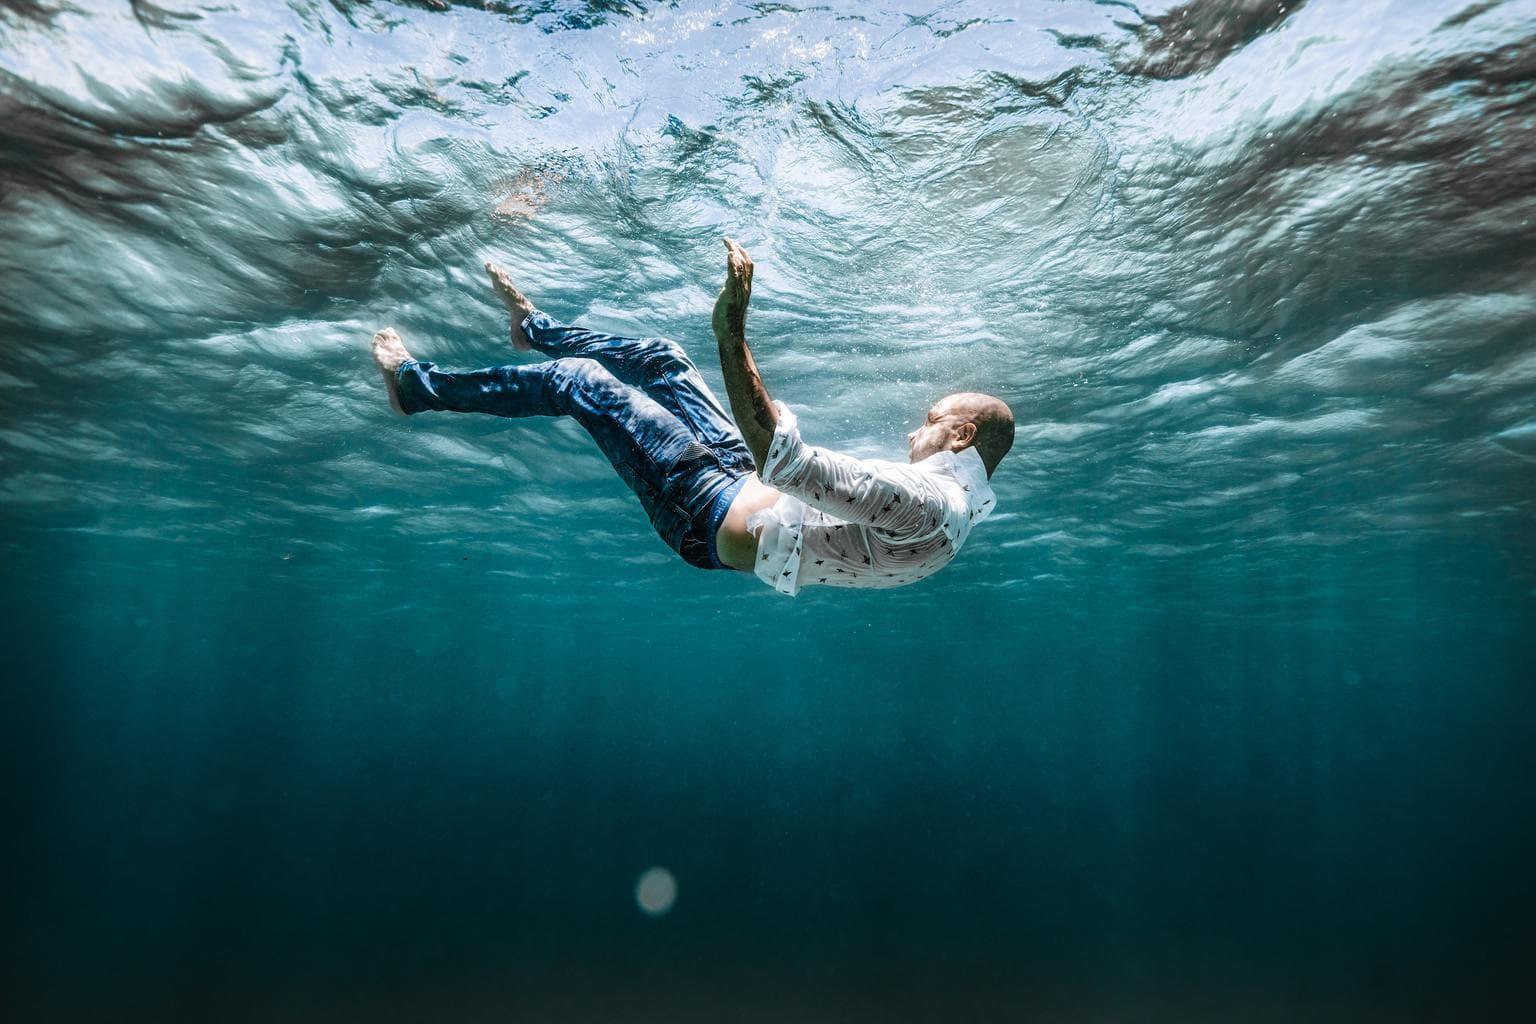 Fotografía artística de hombre vestido debajo del agua